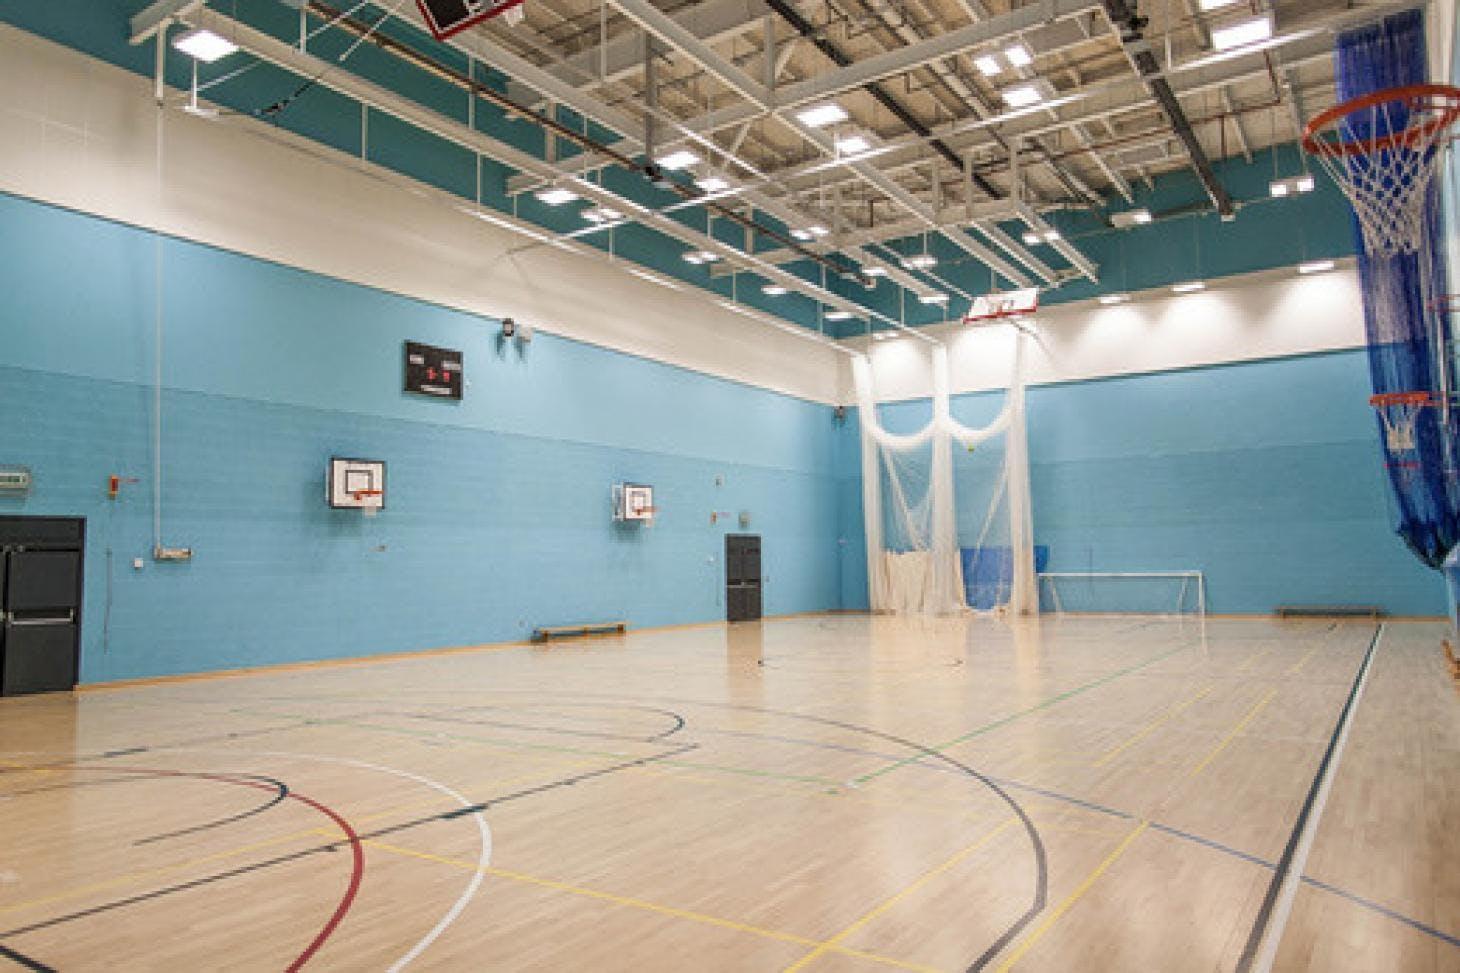 Droylsden Academy Indoor   Hard badminton court